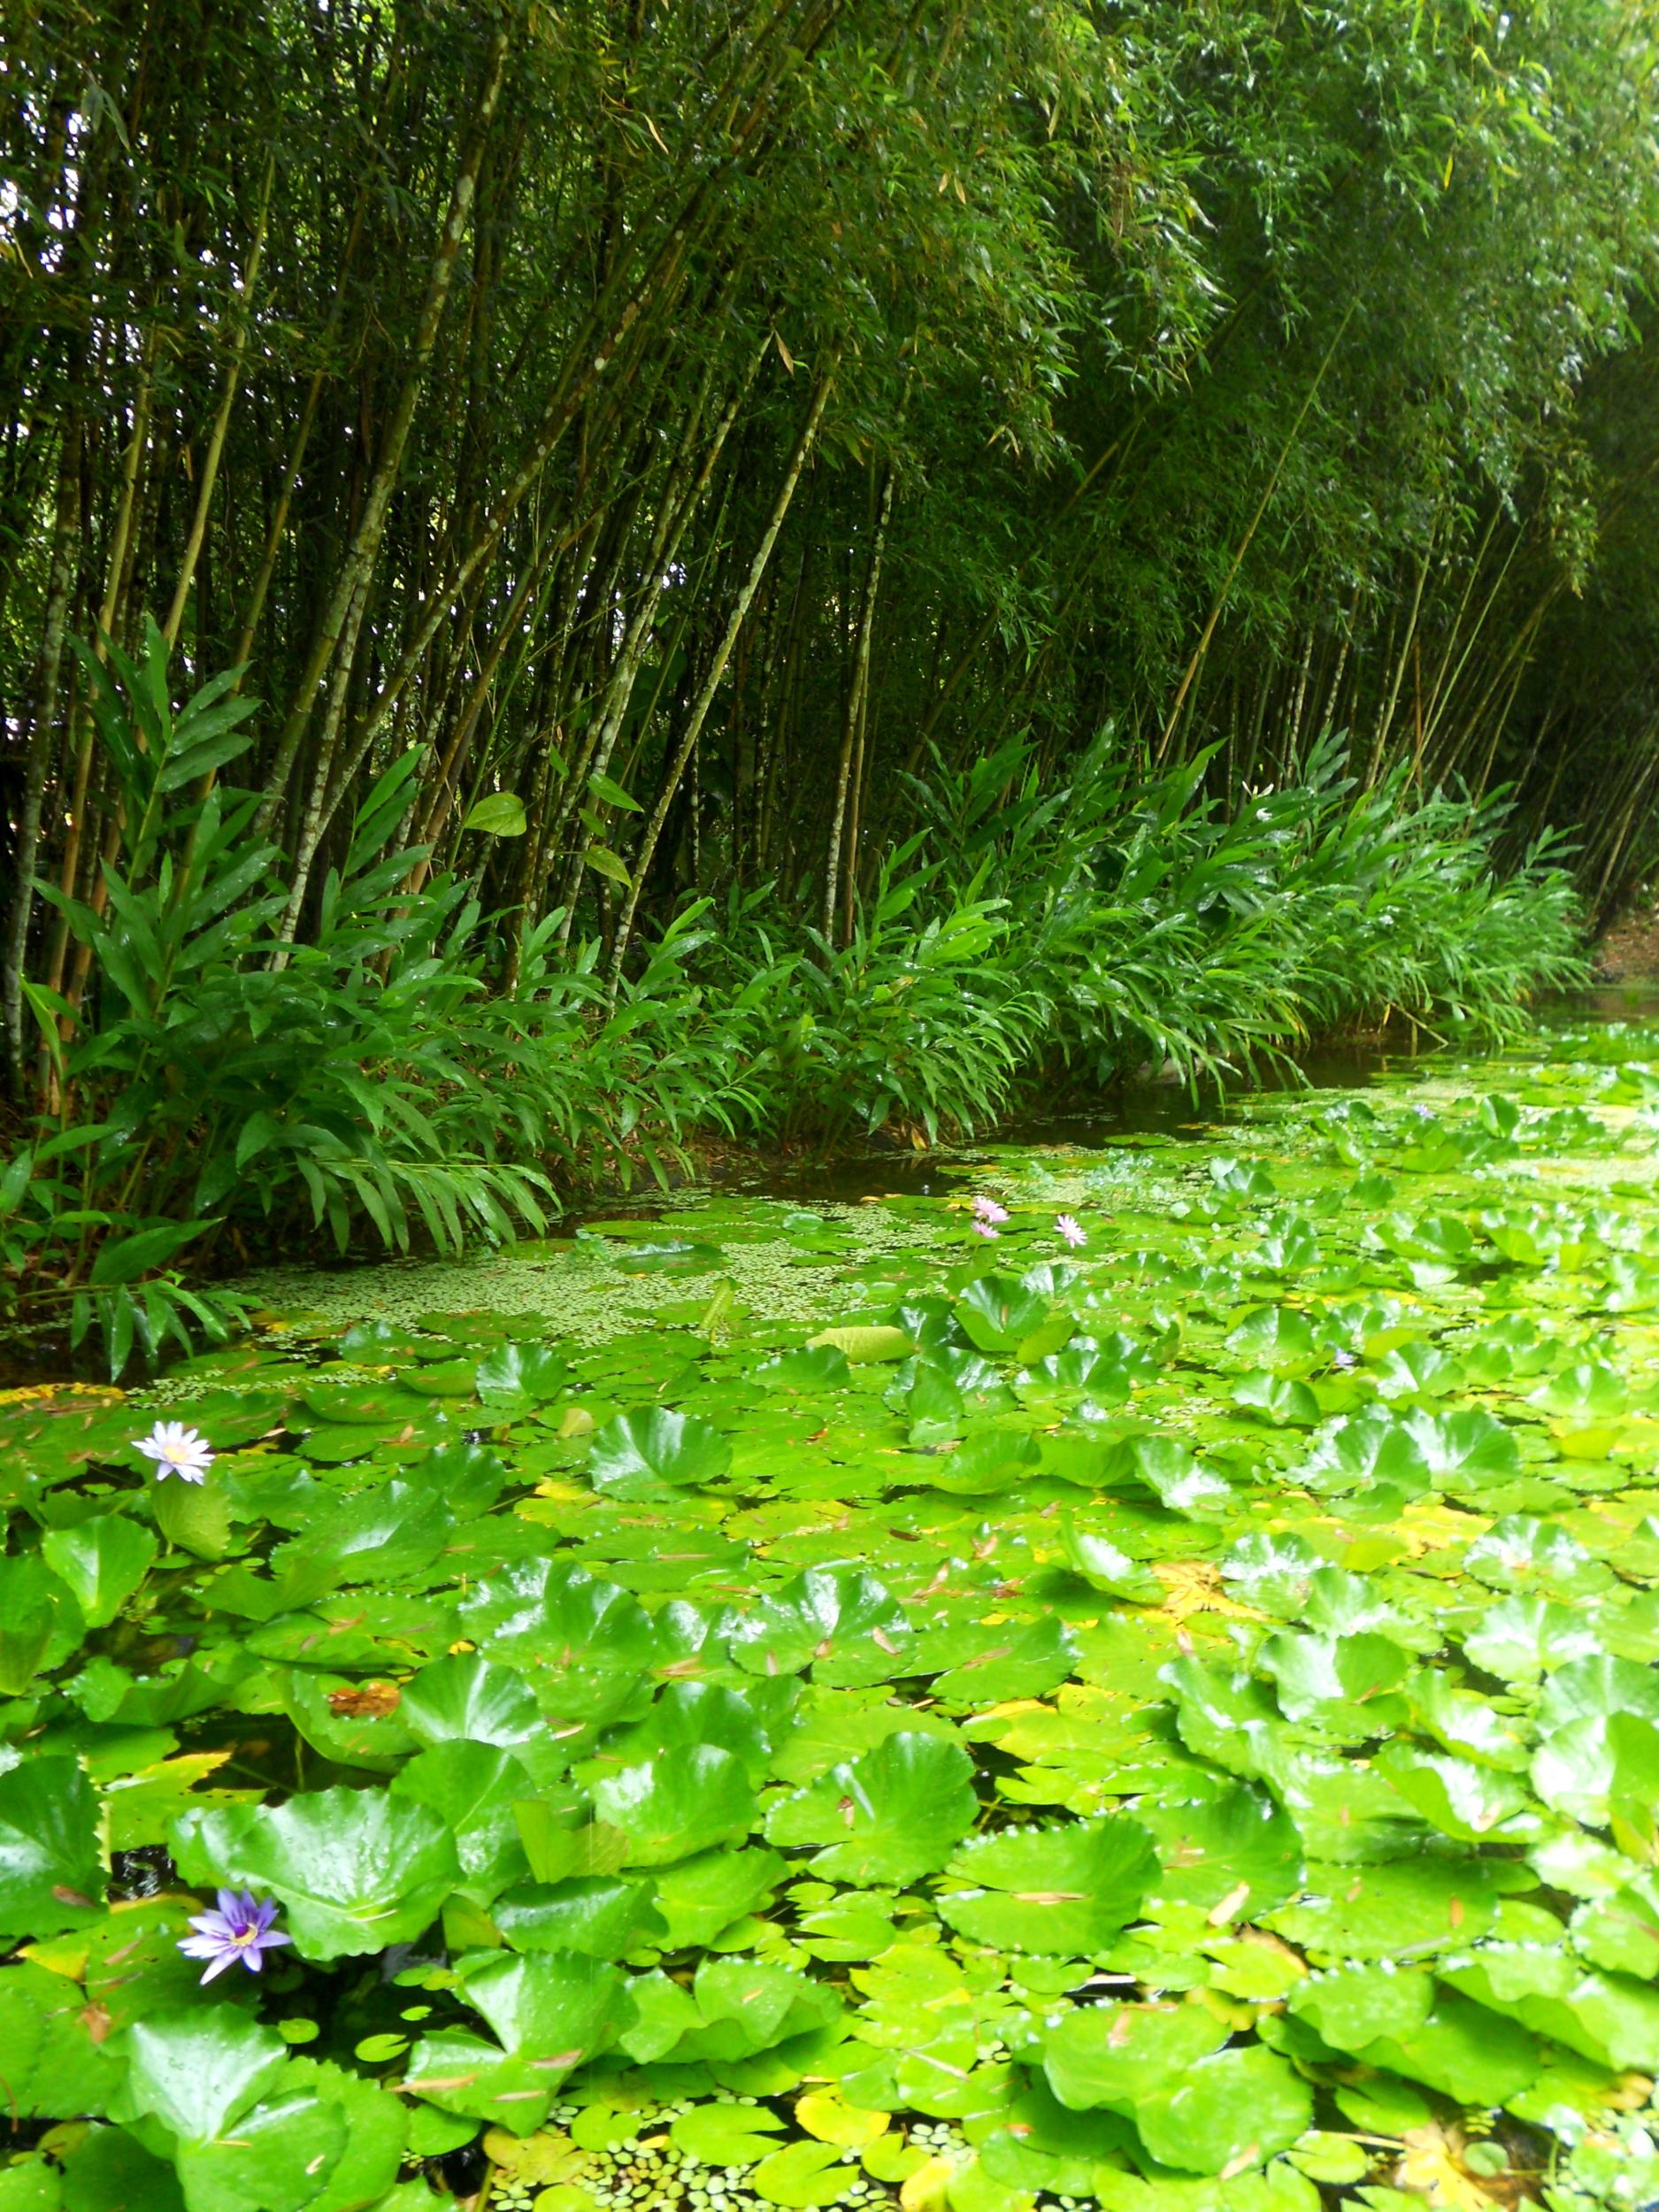 affiche photo poster à encardrer nature arbre zen méditation bambou nénuphar